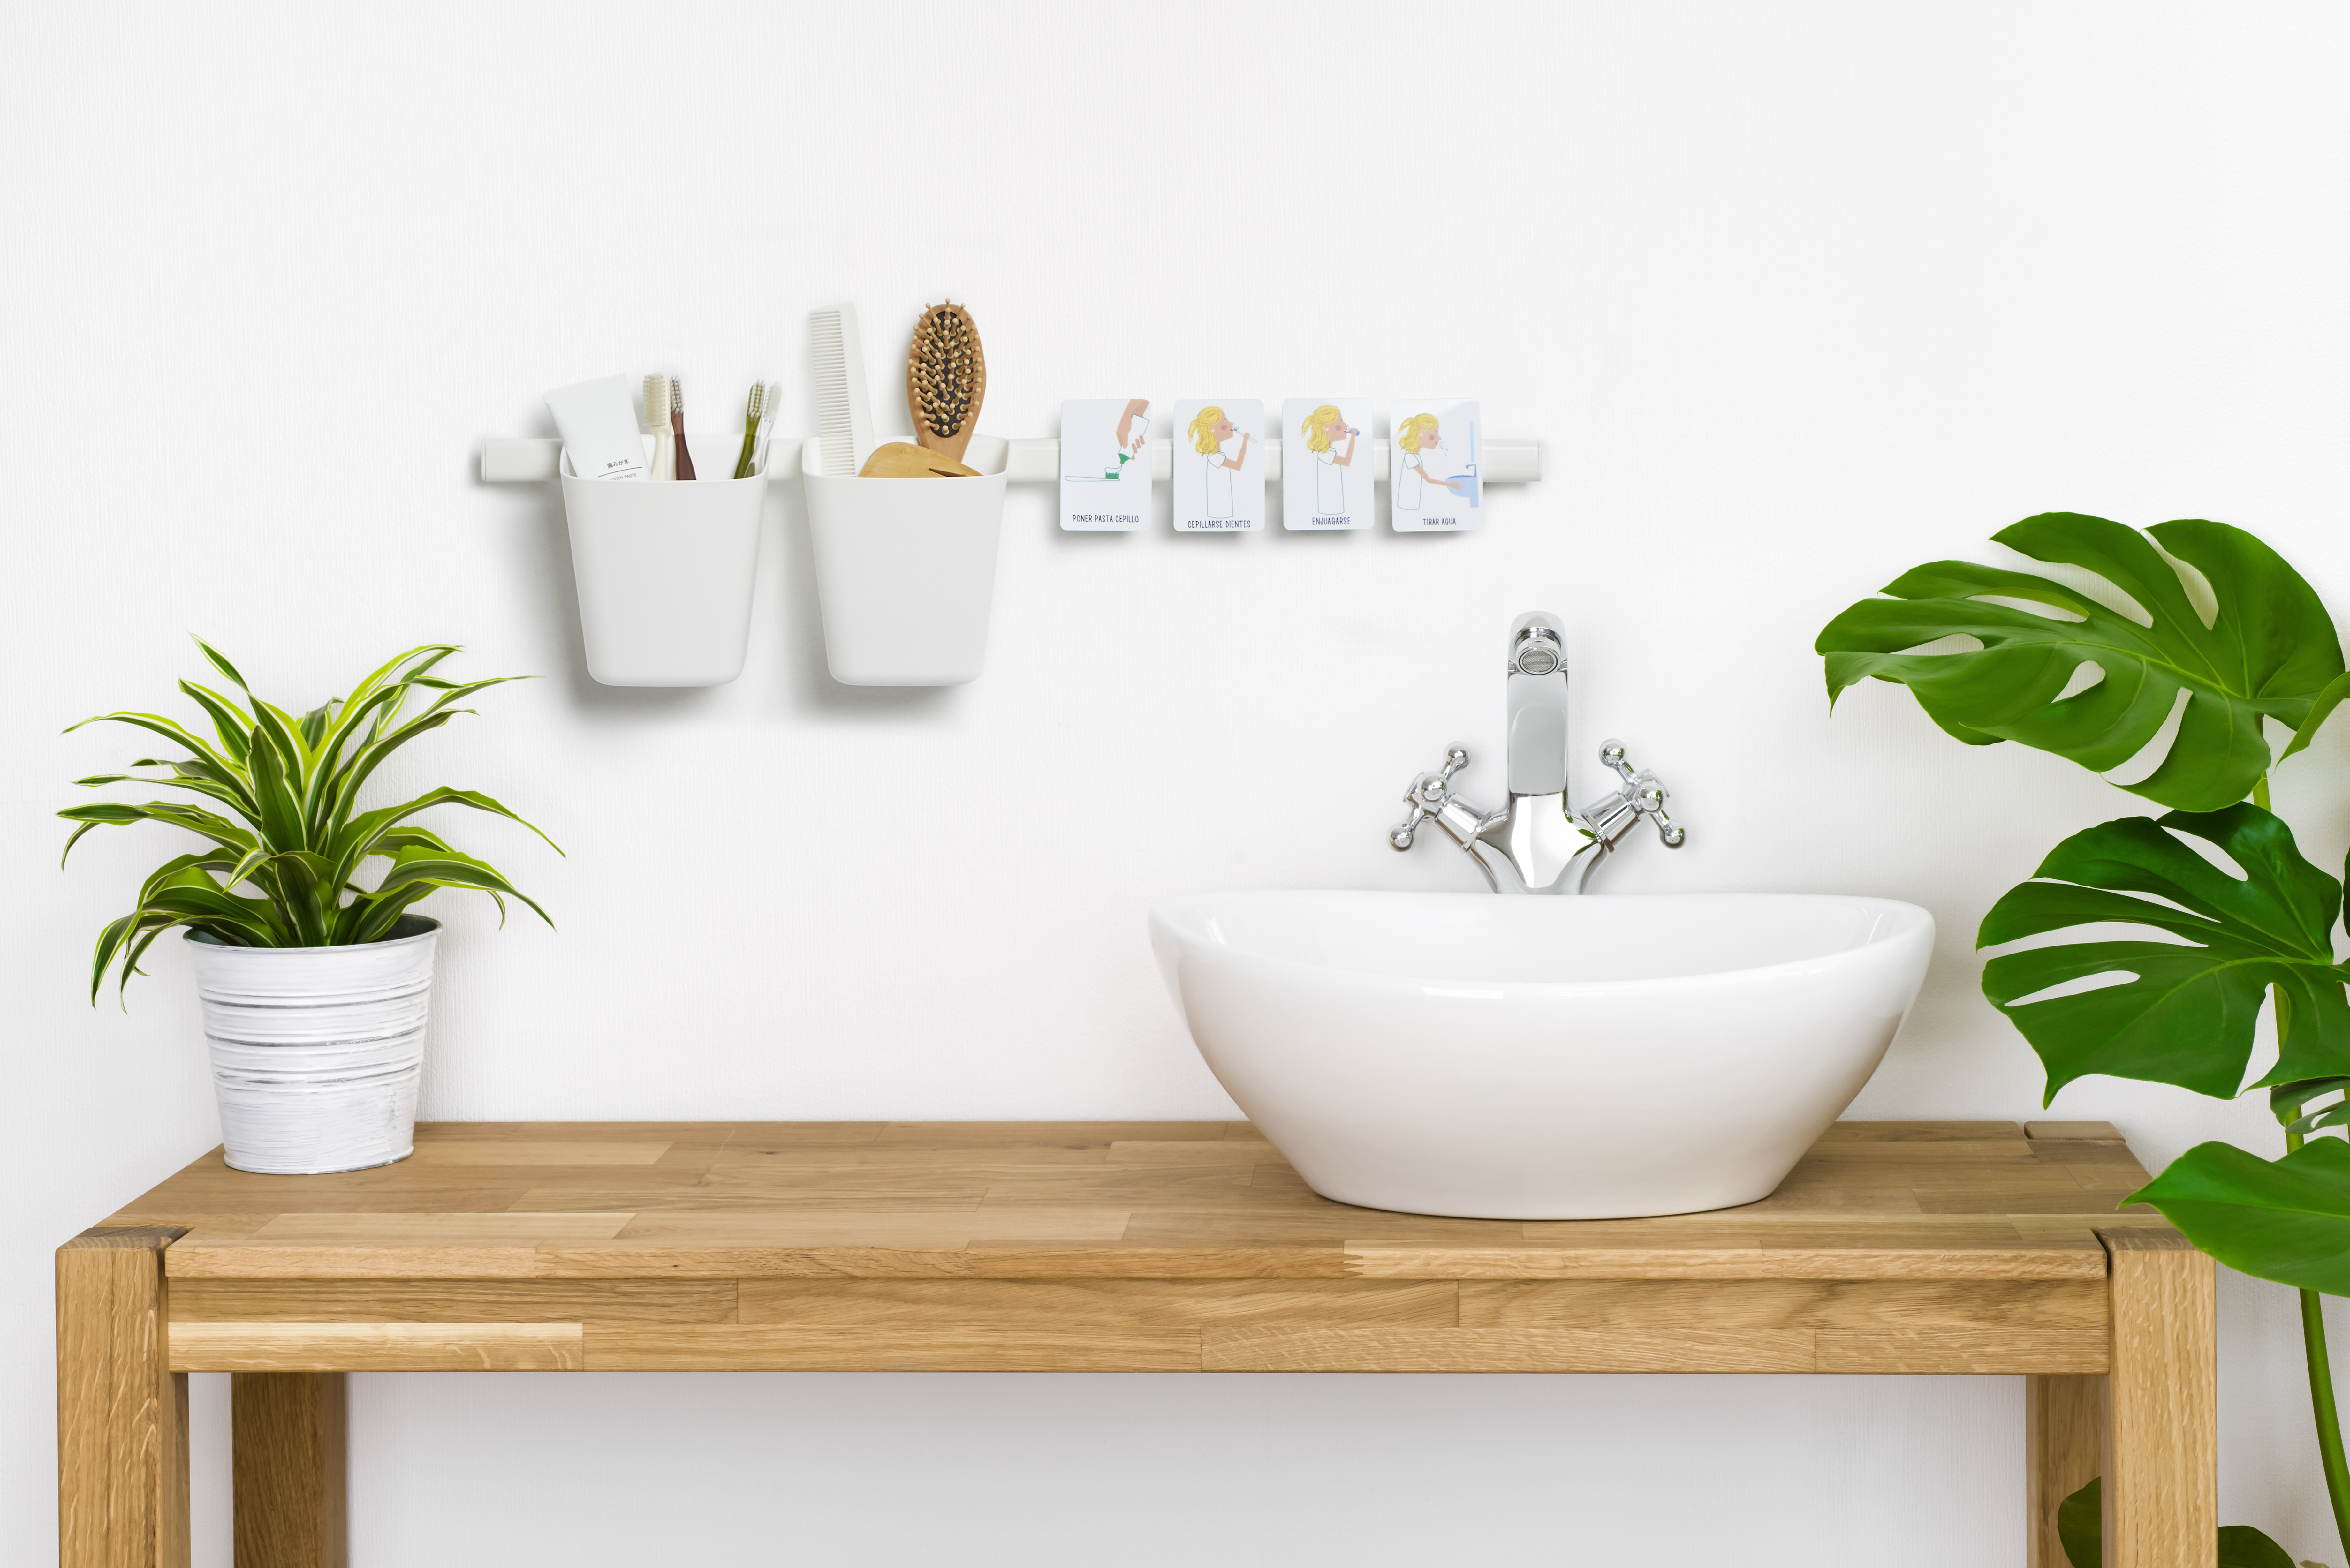 Secuencia lavar dientes baño